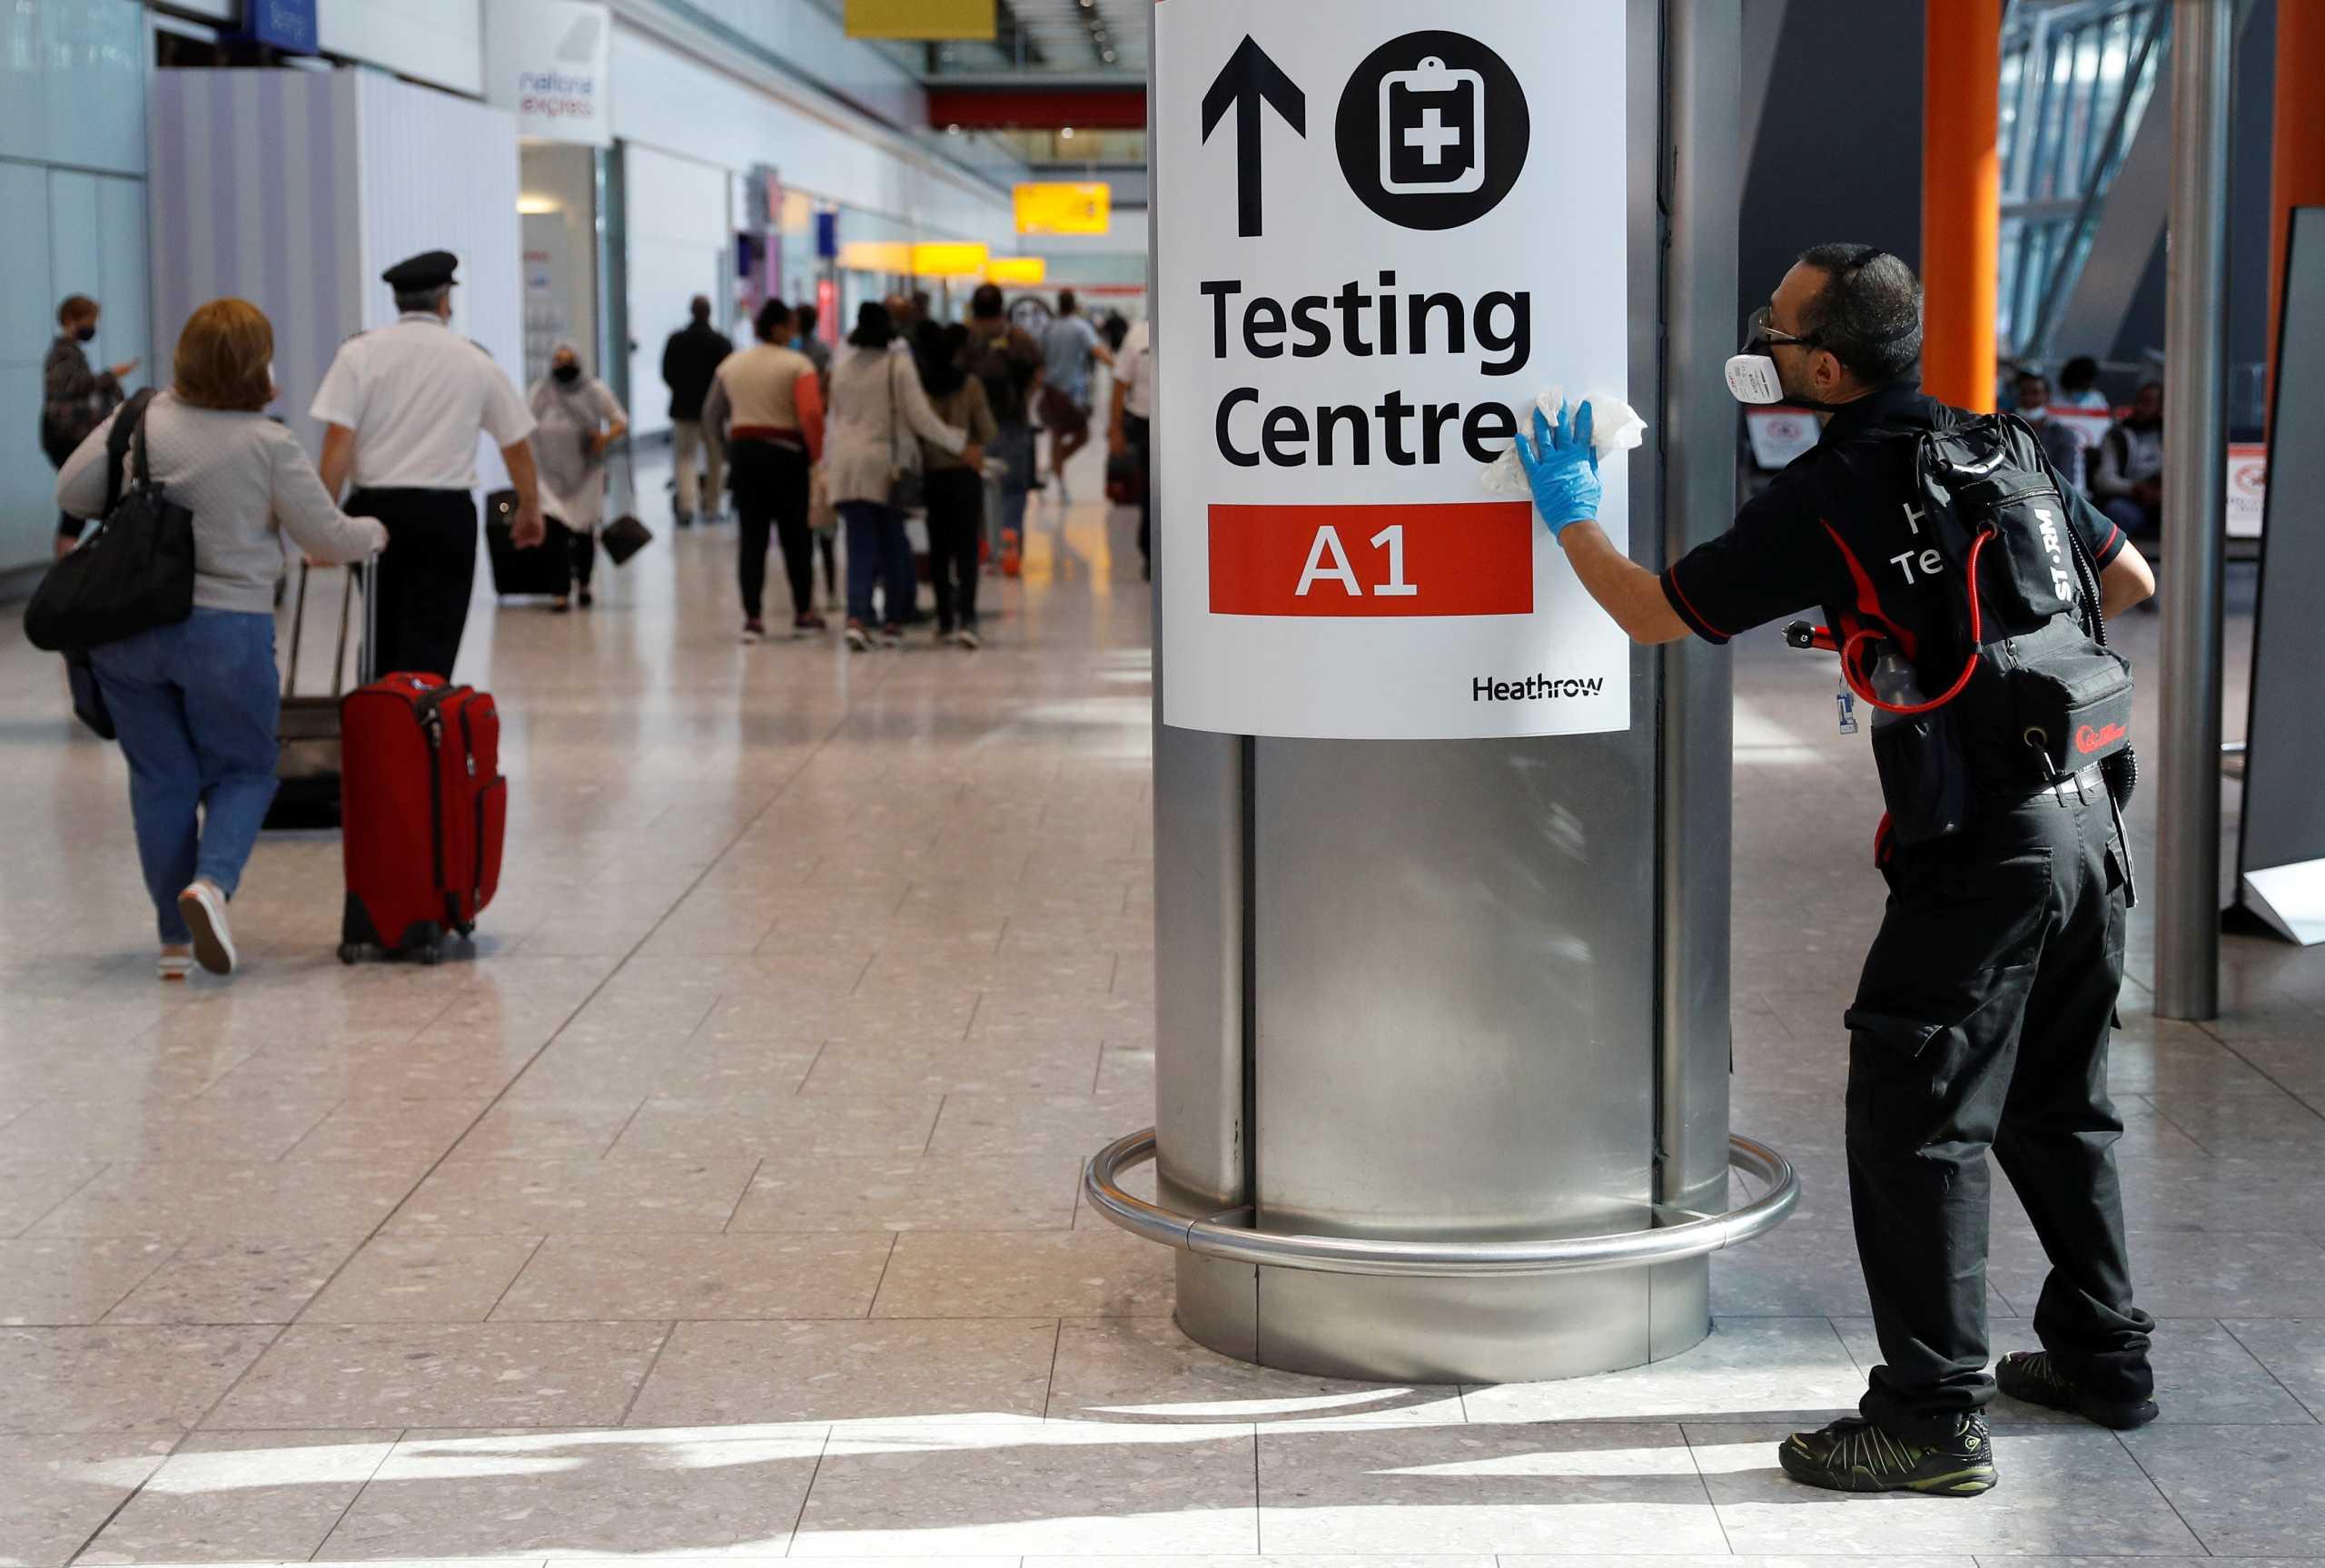 Βρετανία: Αύξηση επιβατών στο Χίθροου τον Ιούλιο – «Η ανάκαμψη έχει αρχίσει»